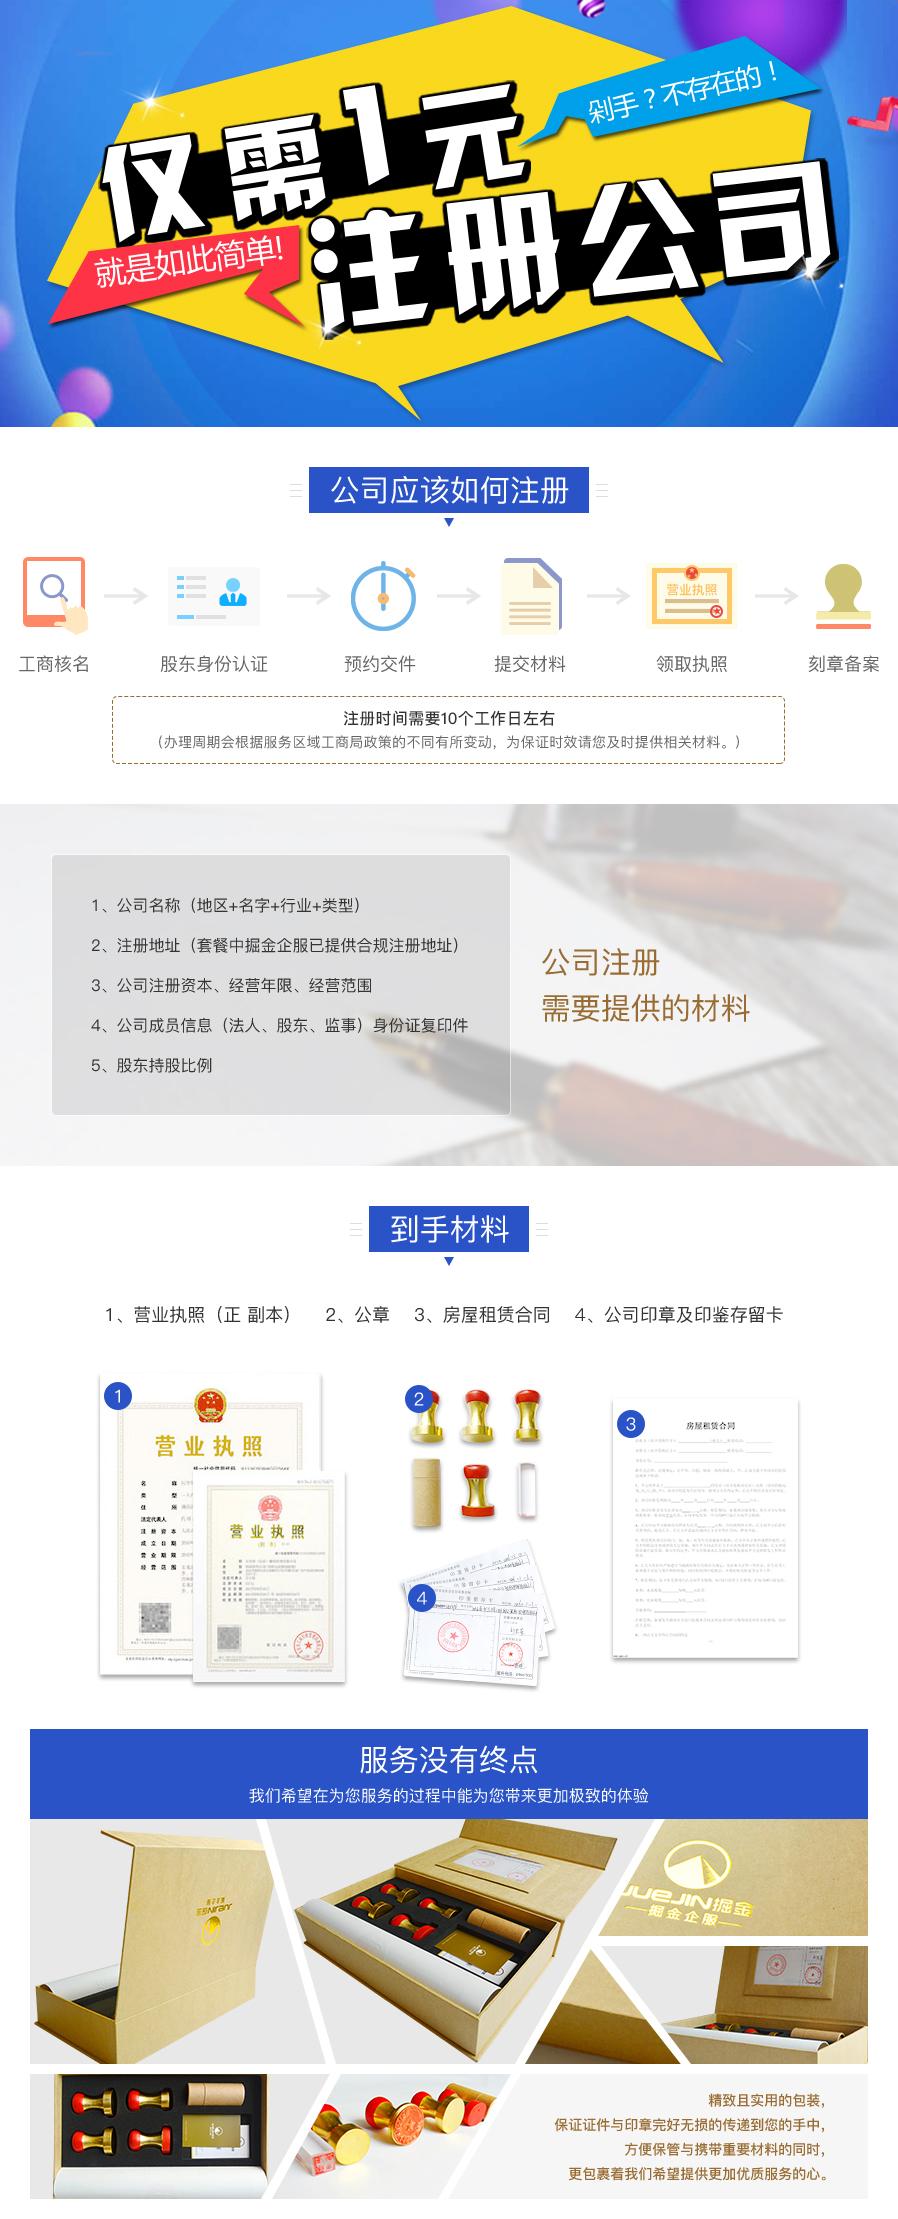 公司注册办理资料,公司注册办理流程